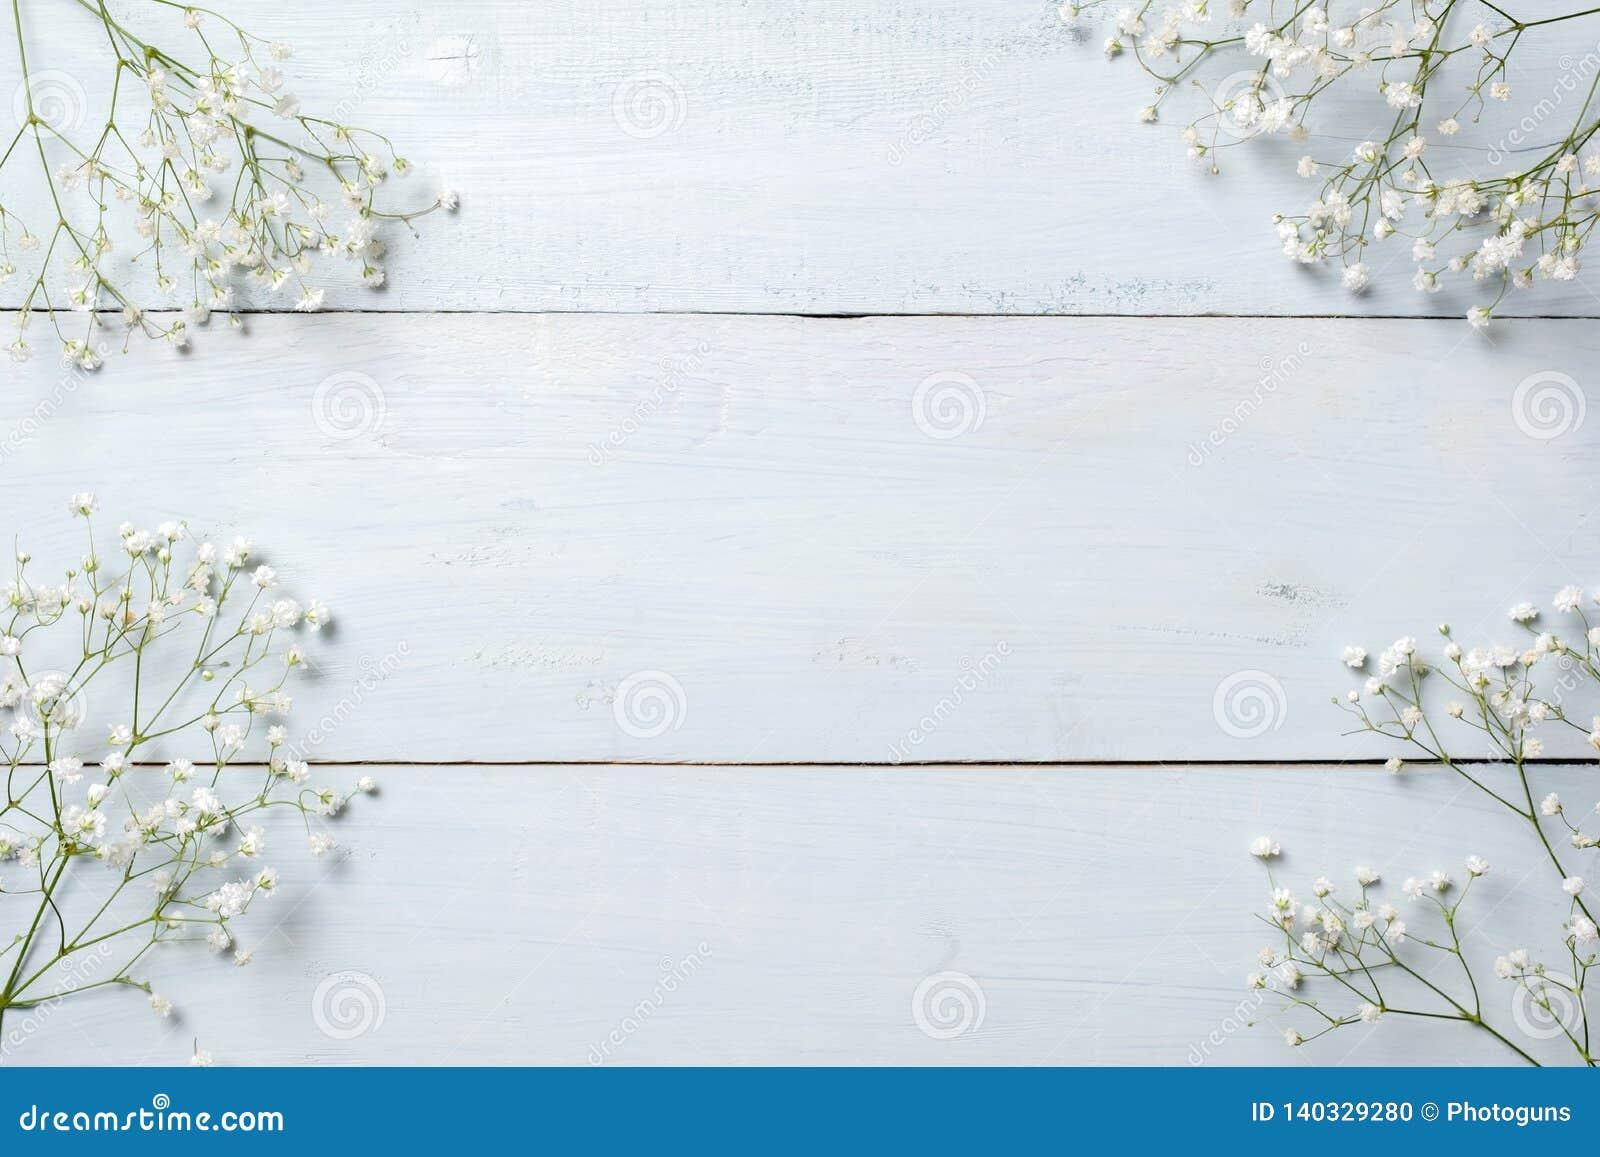 Предпосылка весны, рамка цветков на голубом деревянном столе Модель-макет знамени на день женщины или матерей, пасха, праздники в